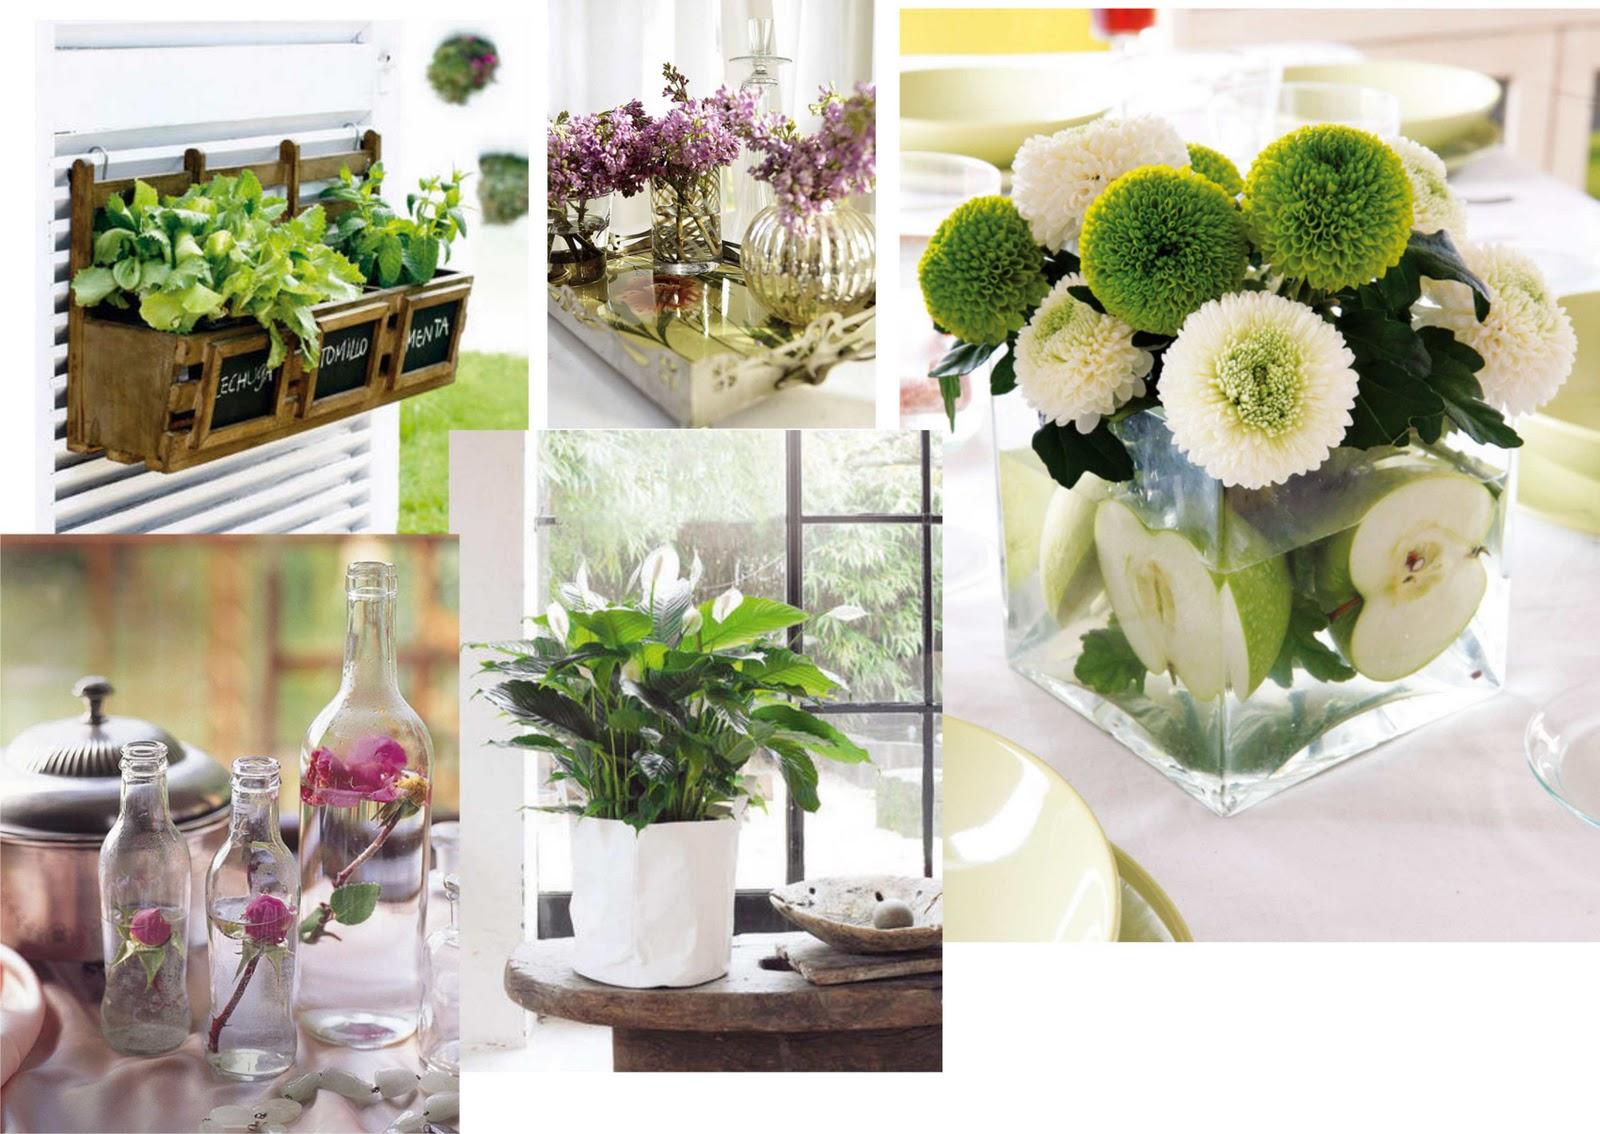 Deco espacios naturales decorar con plantas virlova style - Decoracion plantas interior ...